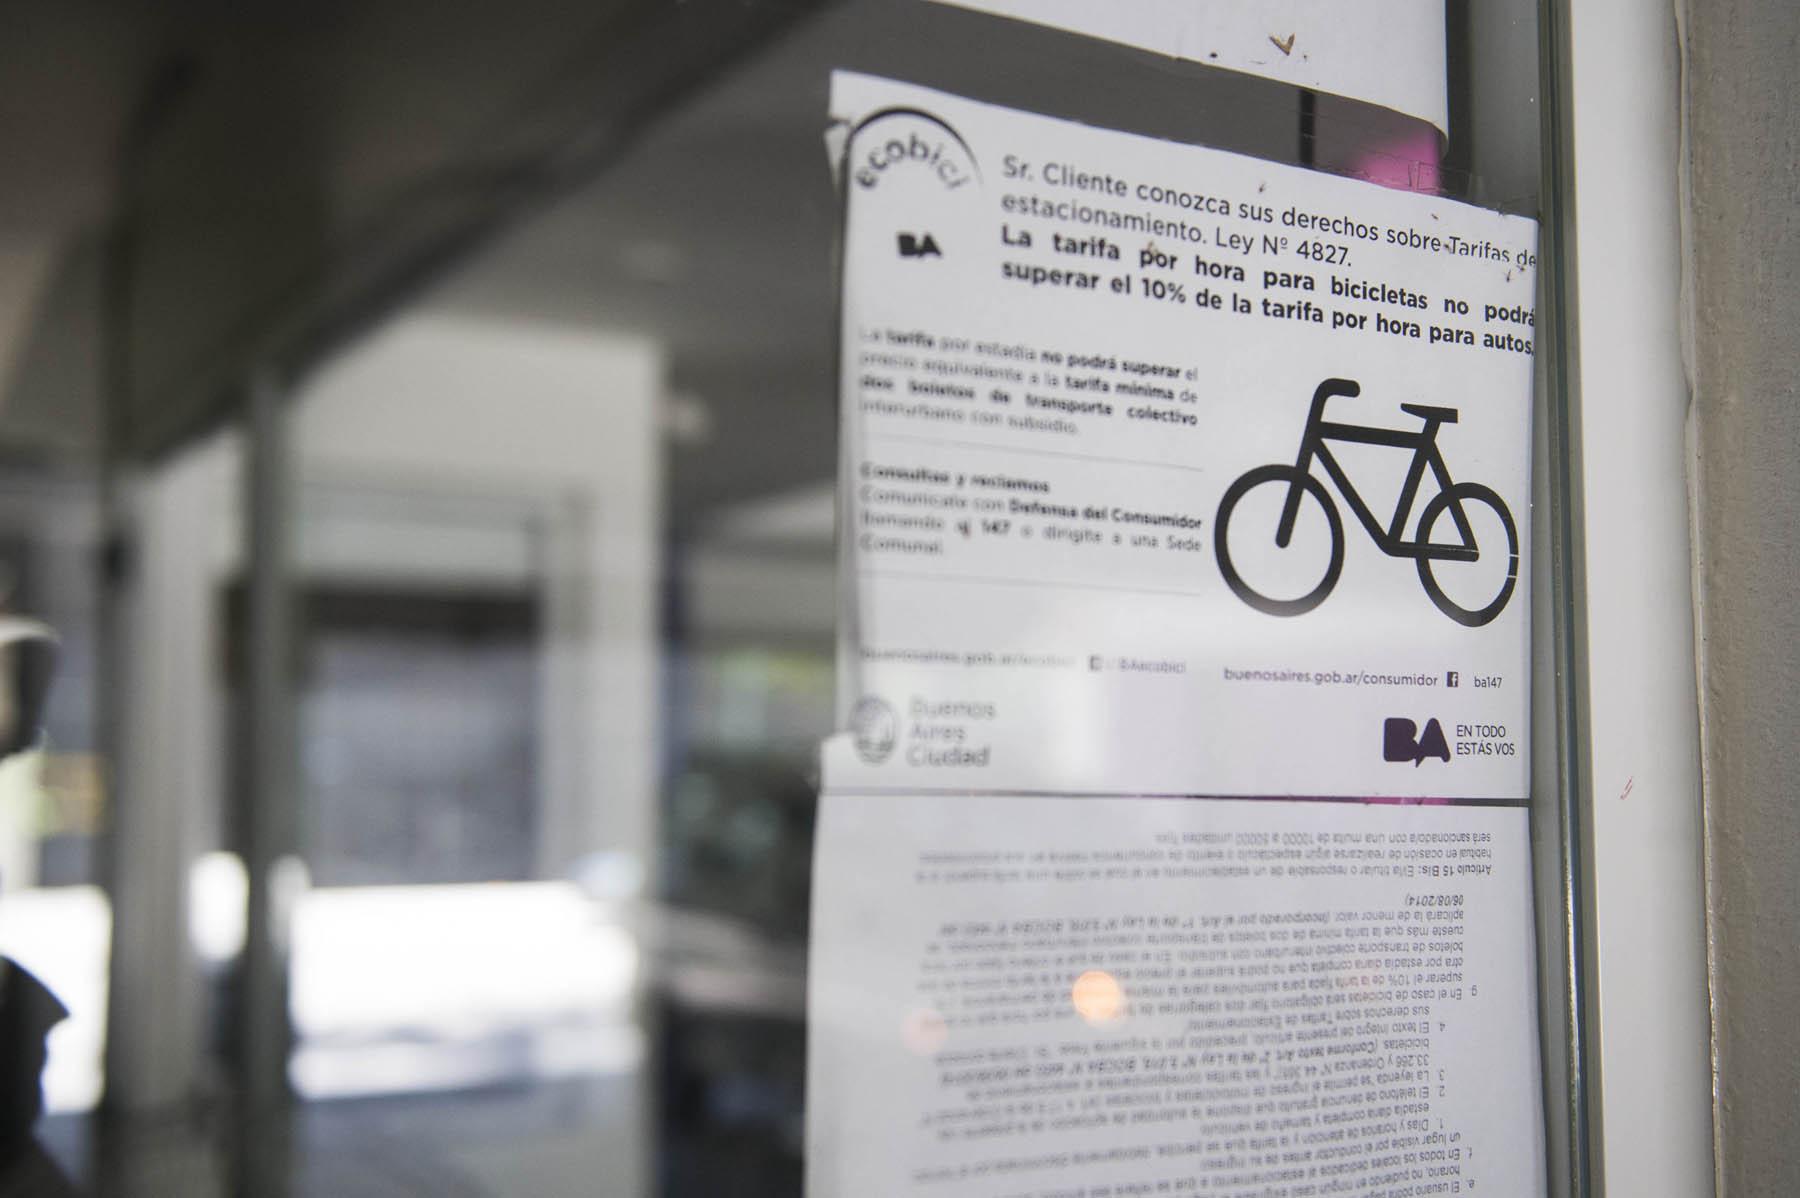 En auto, moto o bicicleta, las normas que regulan los garages ...